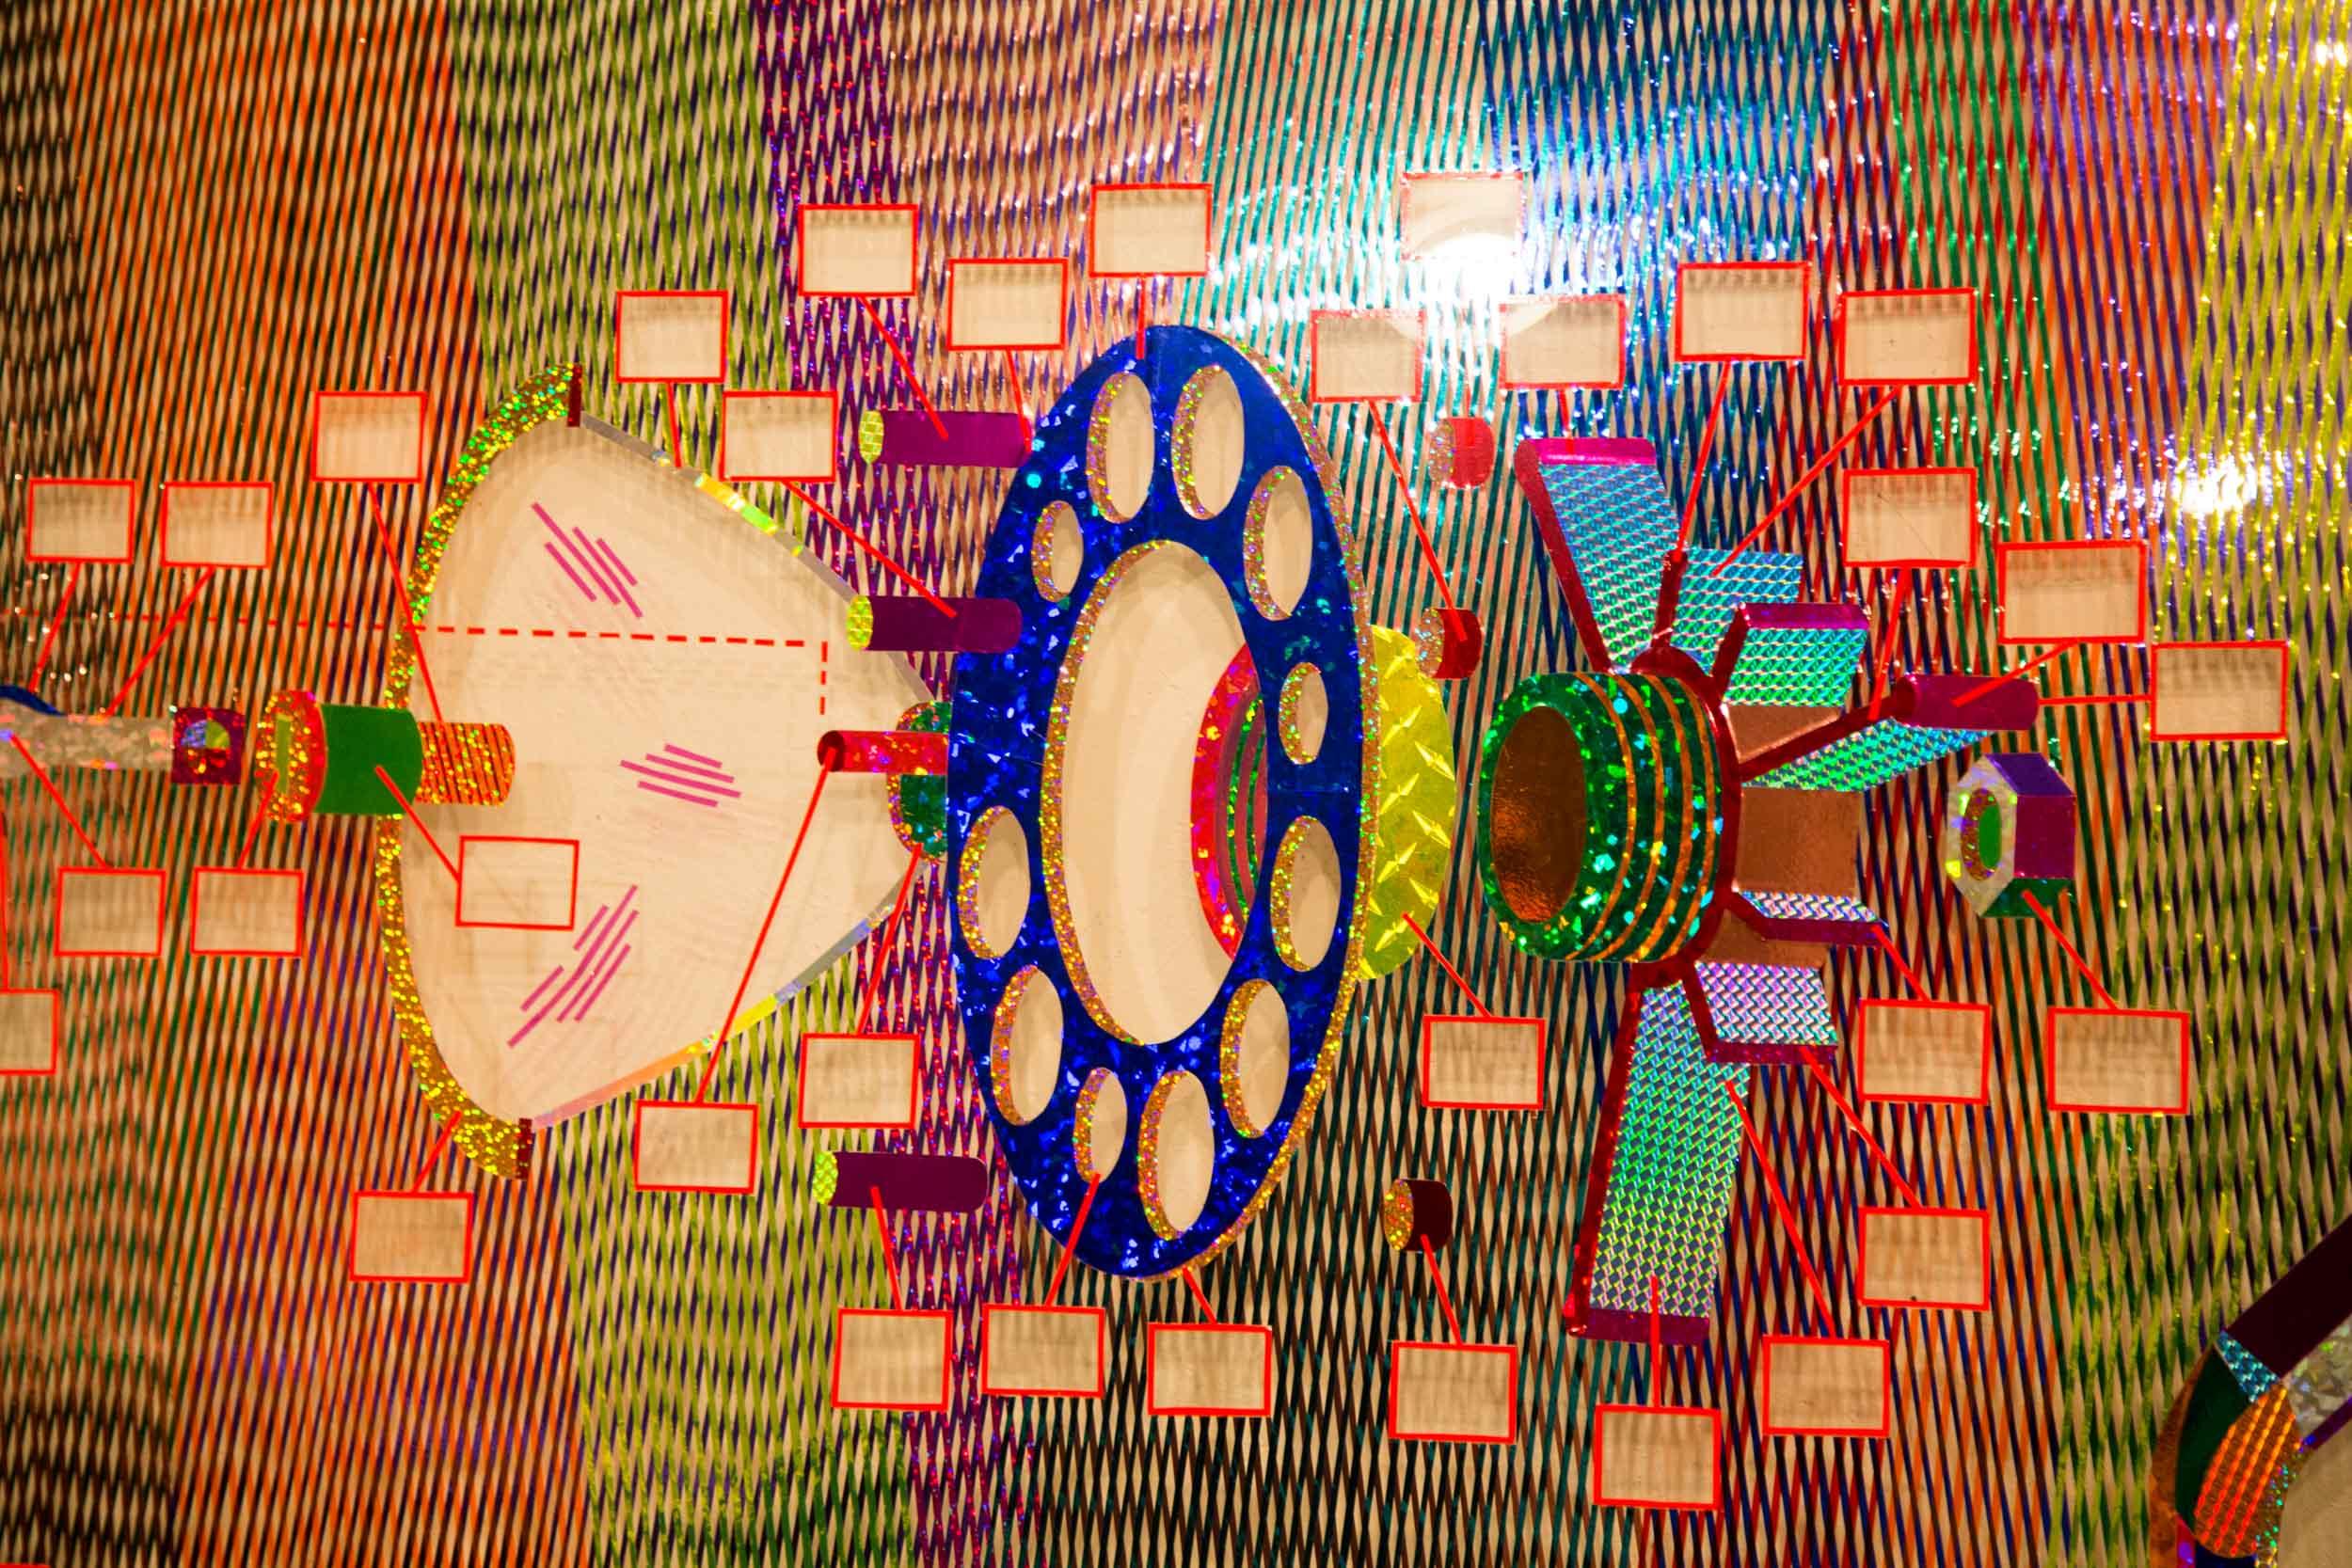 wassaic-project-artist-johannah-herr-2018-08-23-19-59-27.jpg